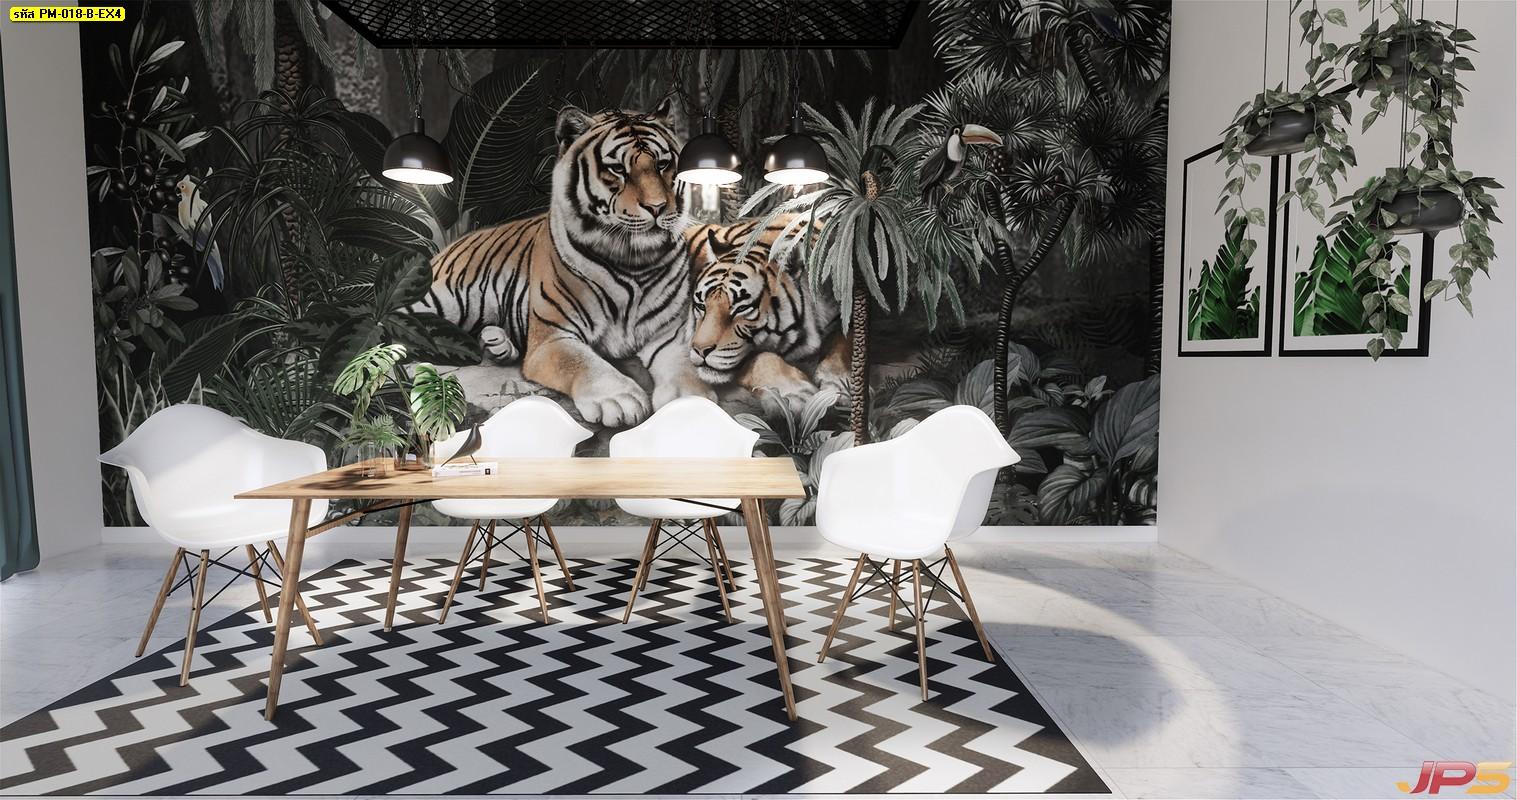 บริการพิมพ์ภาพแคนวาส ลายเสือคู่ในสวนป่าสไตล์ทรอปิคอล